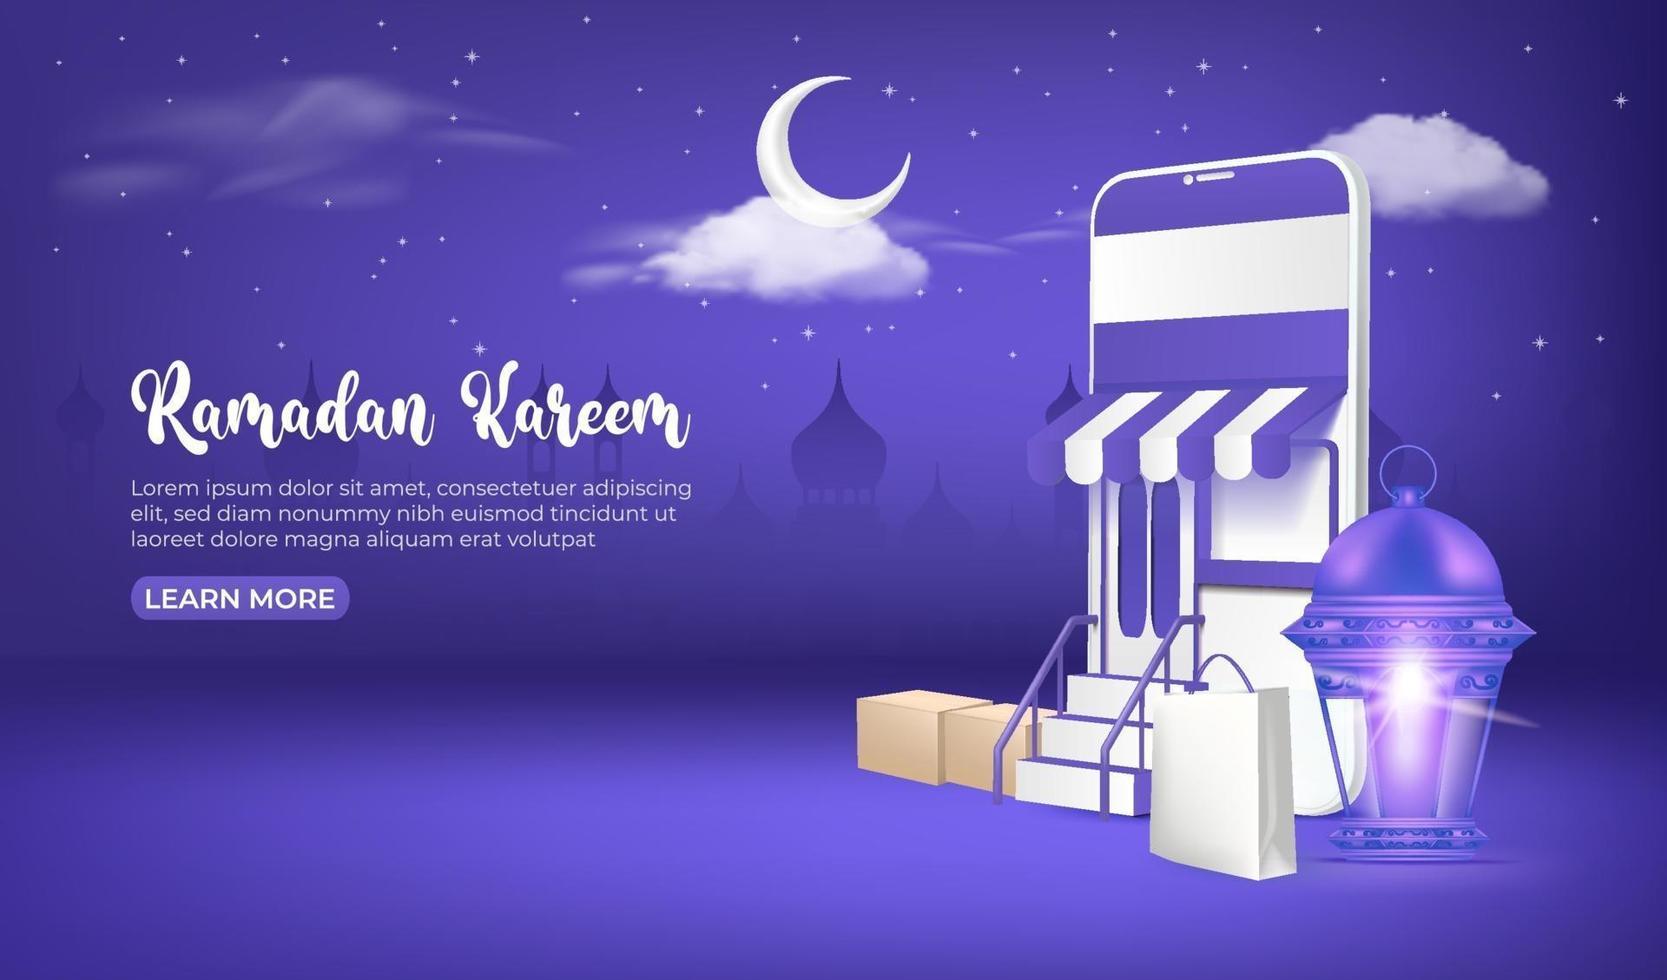 anúncios de banner de venda do Ramadã, compras on-line do Ramadã no celular e no site. vetor